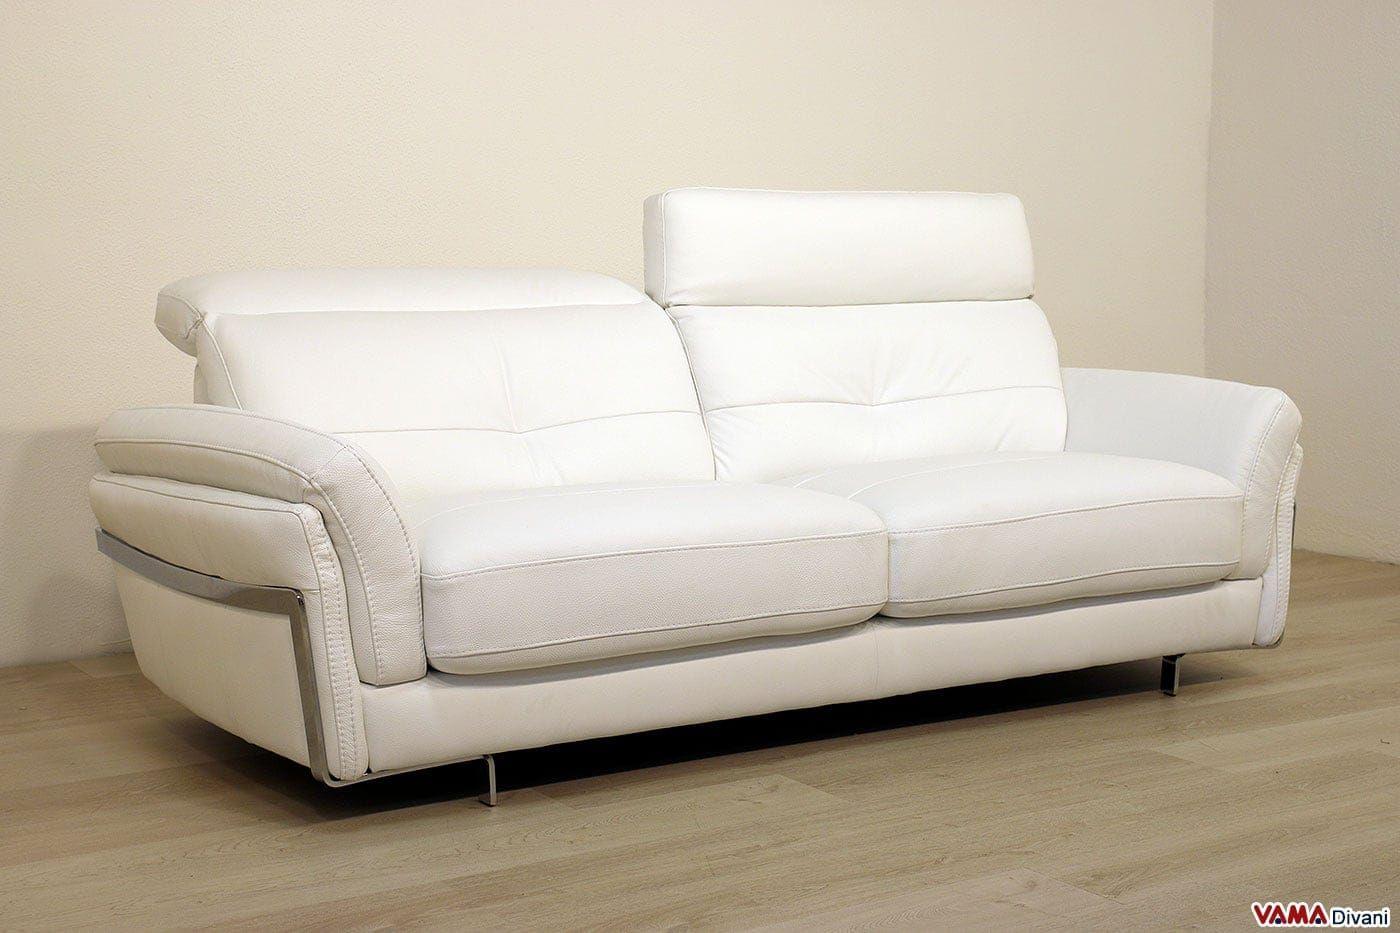 Divano In Pelle Con Recliner.Divano In Pelle Con Recliner Sofa Furniture Couch